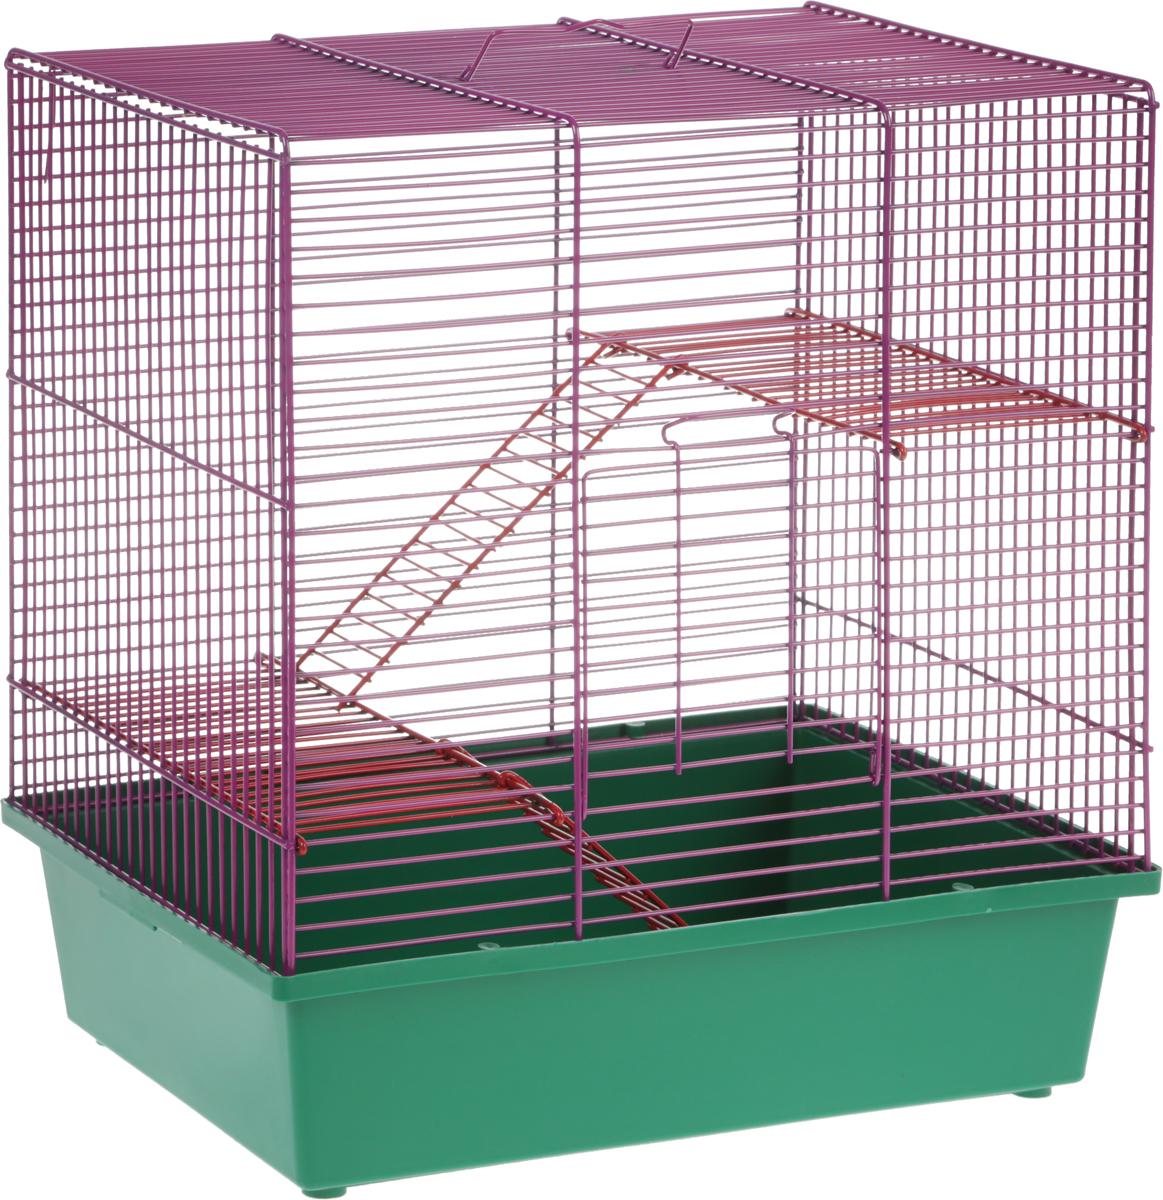 Клетка для грызунов Велес Lusy Hamster-3, 3-этажная, цвет: зеленый, фиолетовый, 35 х 26 х 40 см клетка для грызунов велес lusy hamster 2 2 этажная цвет синий бирюзовый 35 х 26 х 26 см